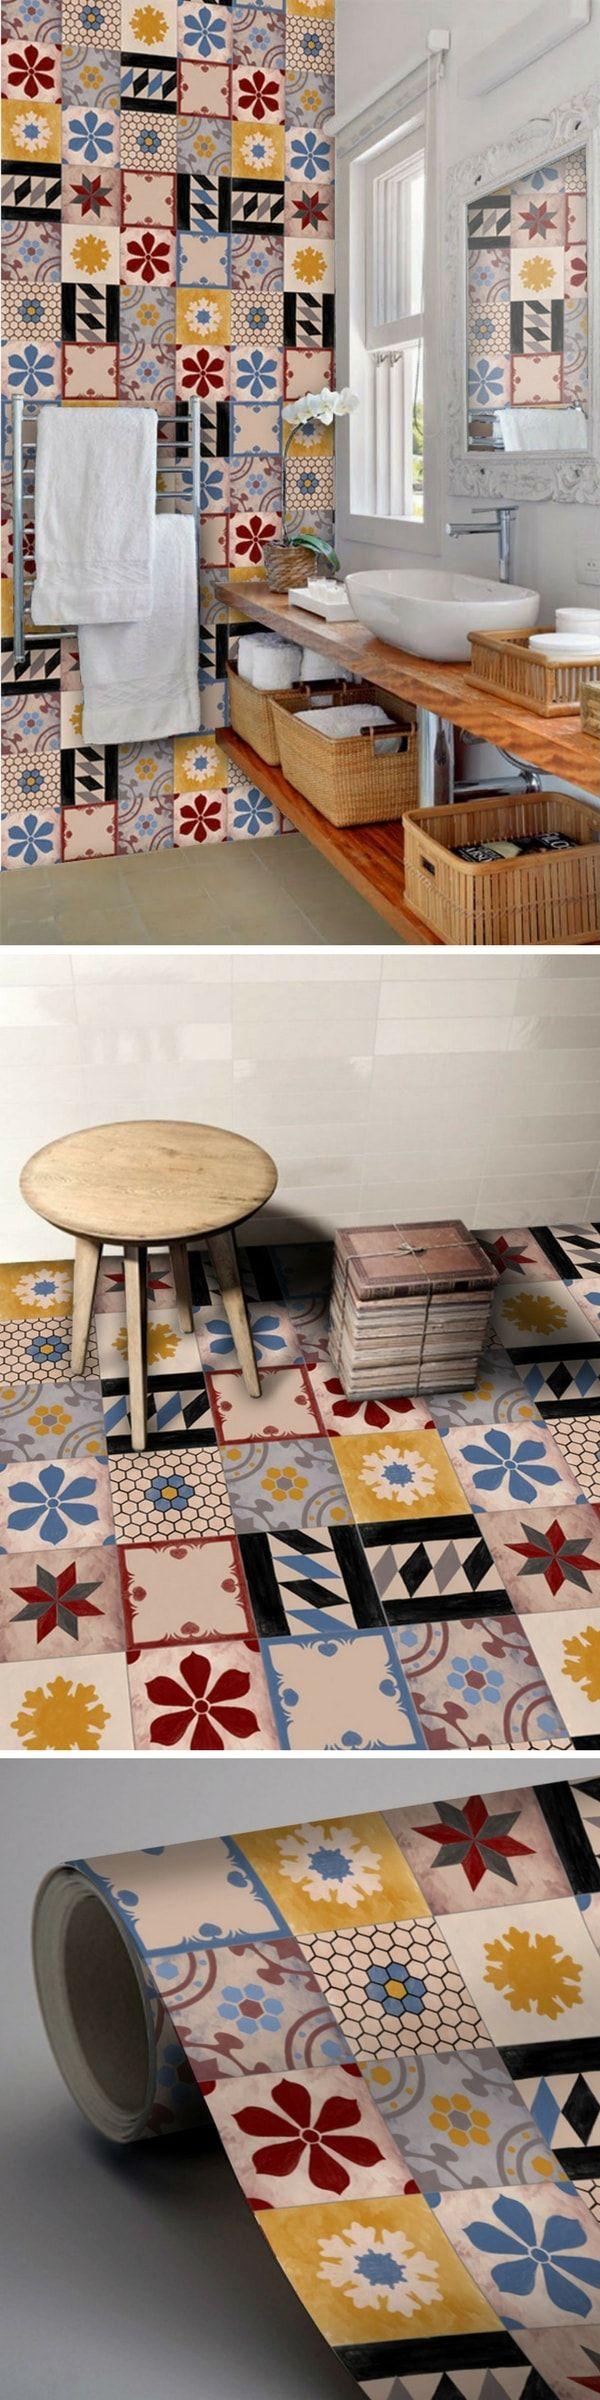 Les 624 meilleures images du tableau carrelage adh sif sur for Papier peint carreaux de ciment 4 murs